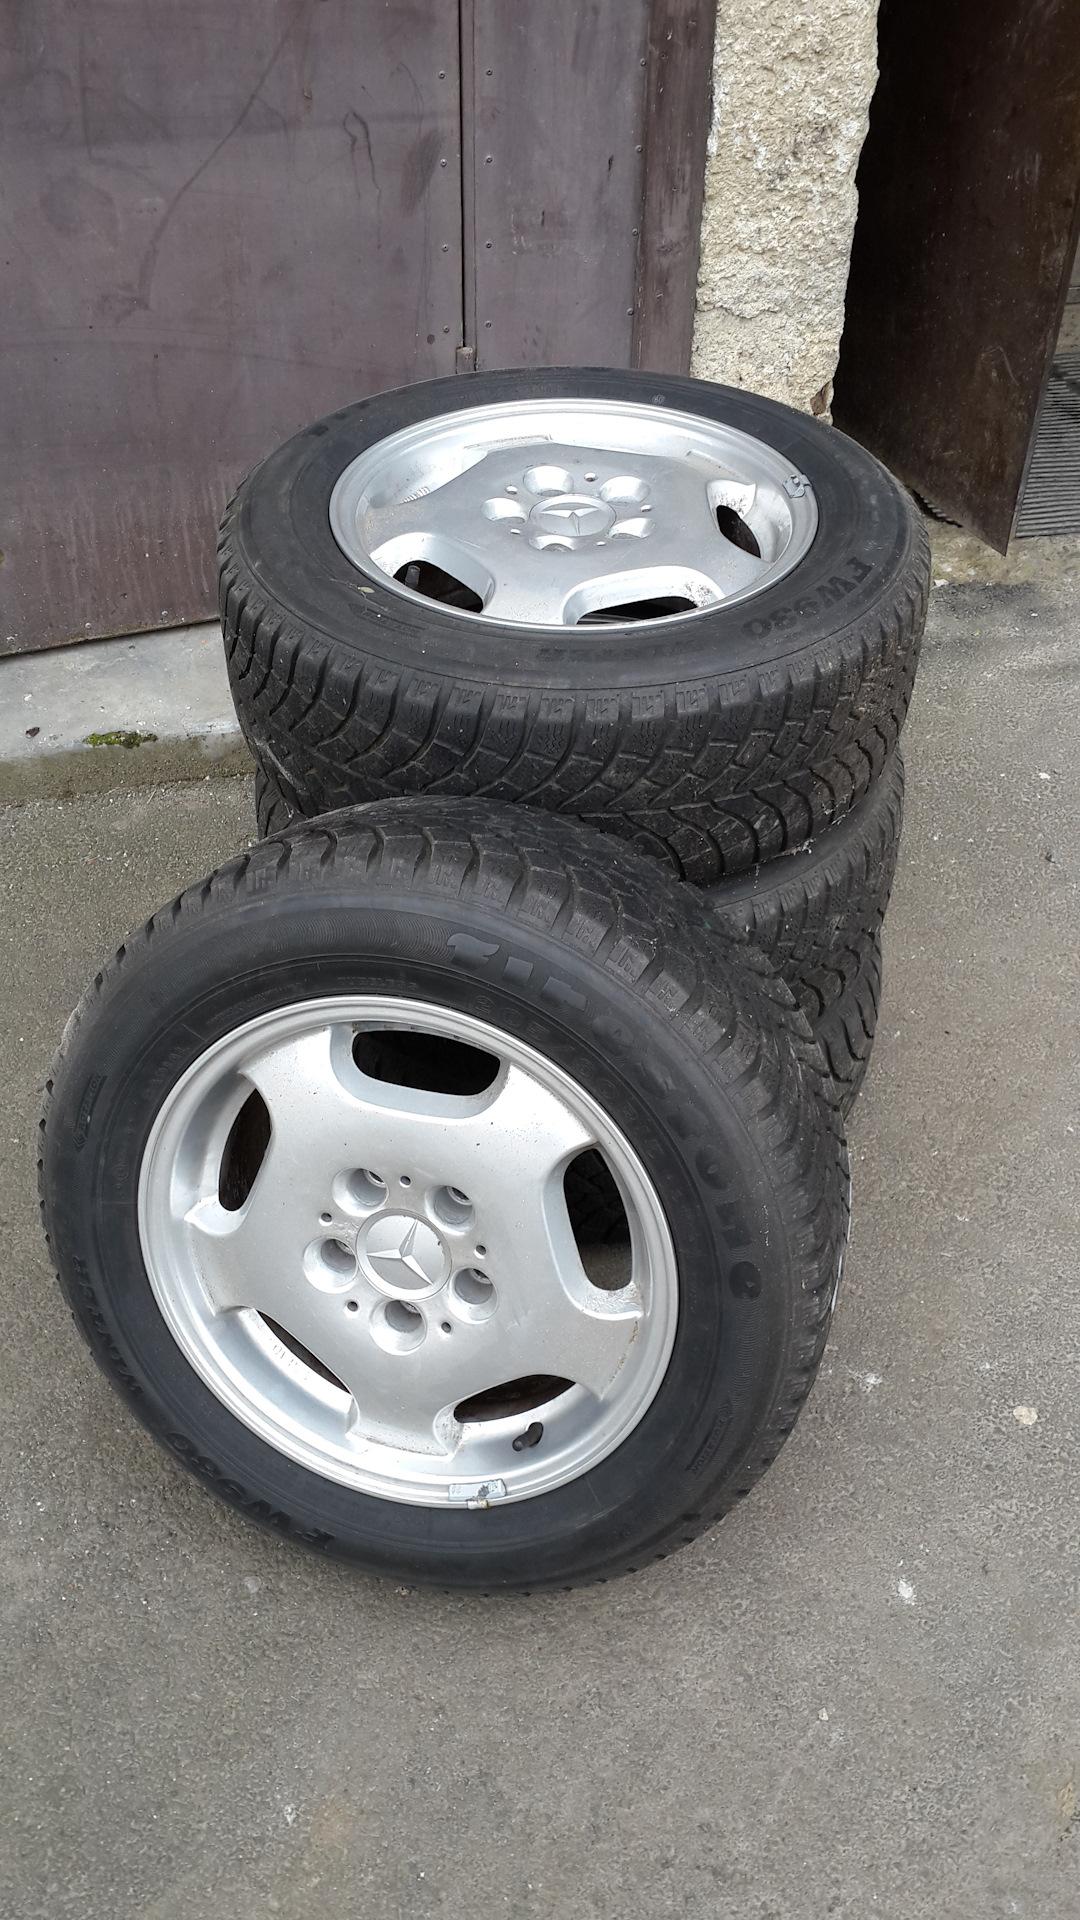 Разболтовка колесных дисков транспортер т3 башкирский элеватор